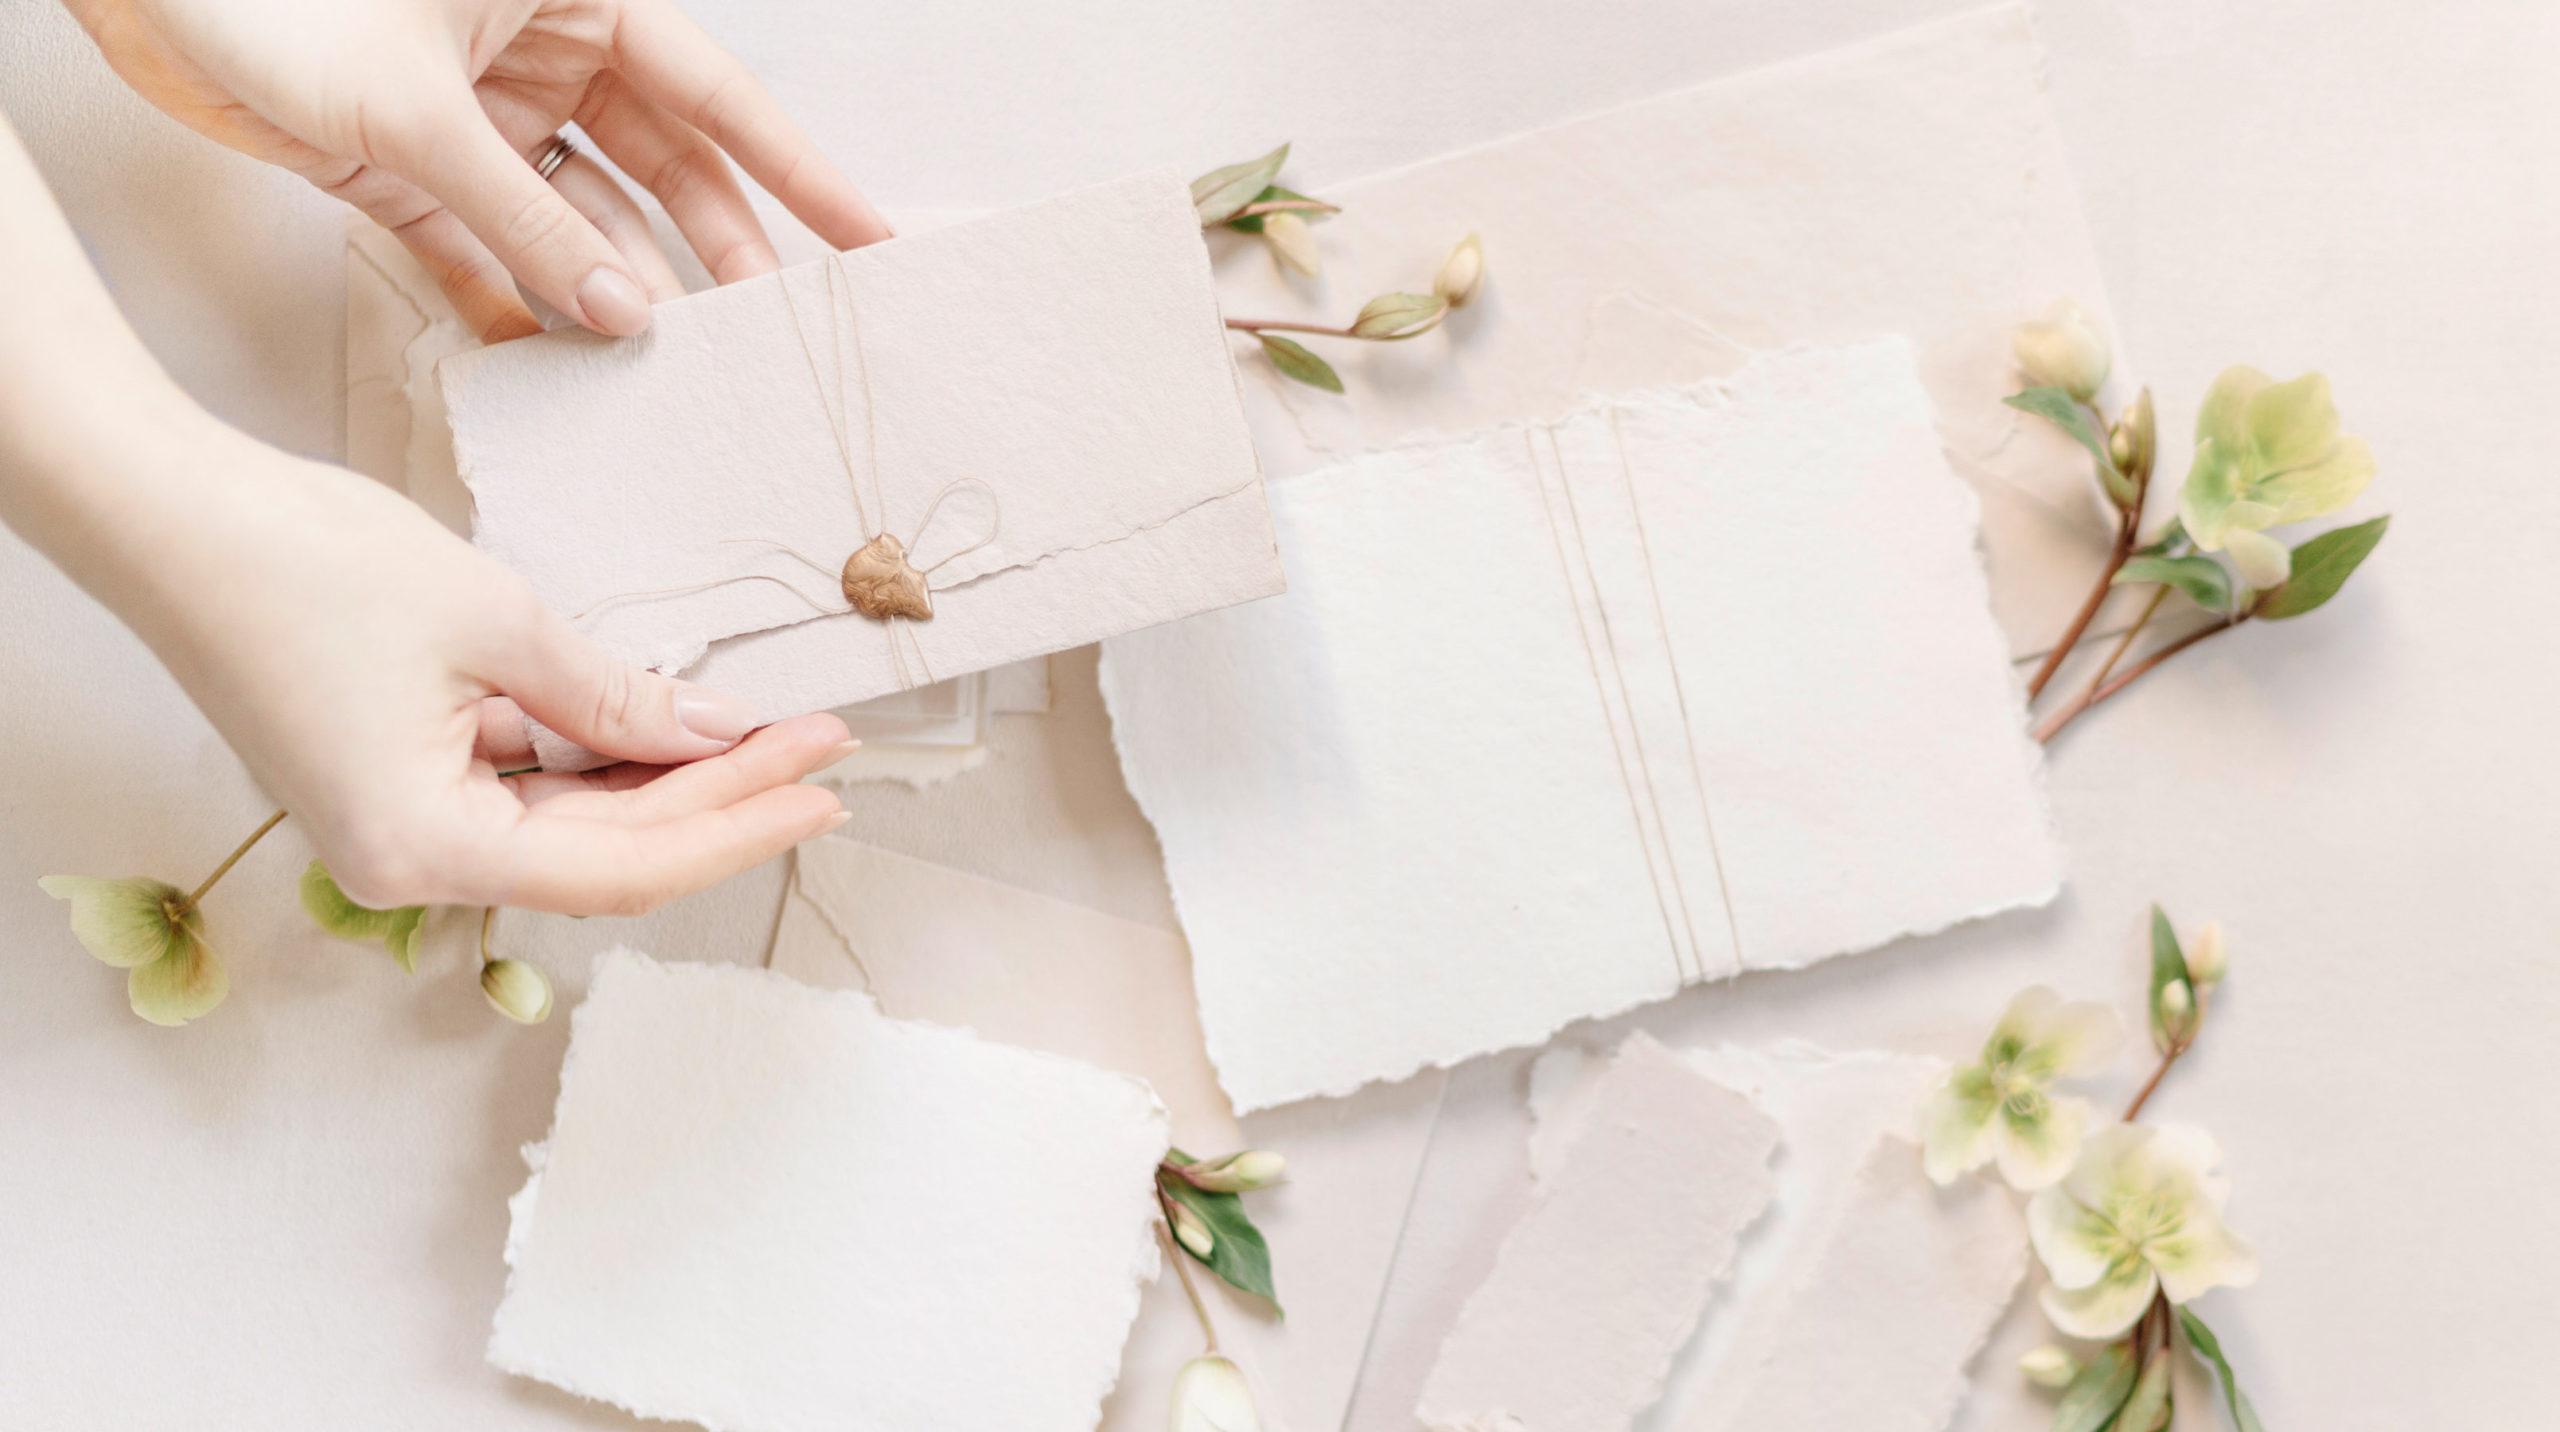 เวดดิ้งแพลนเนอร์ ออแกไนเซอร์ wedding planner organizer bangkok กรุงเทพ จัดงานแต่งงาน Wonders & Weddings